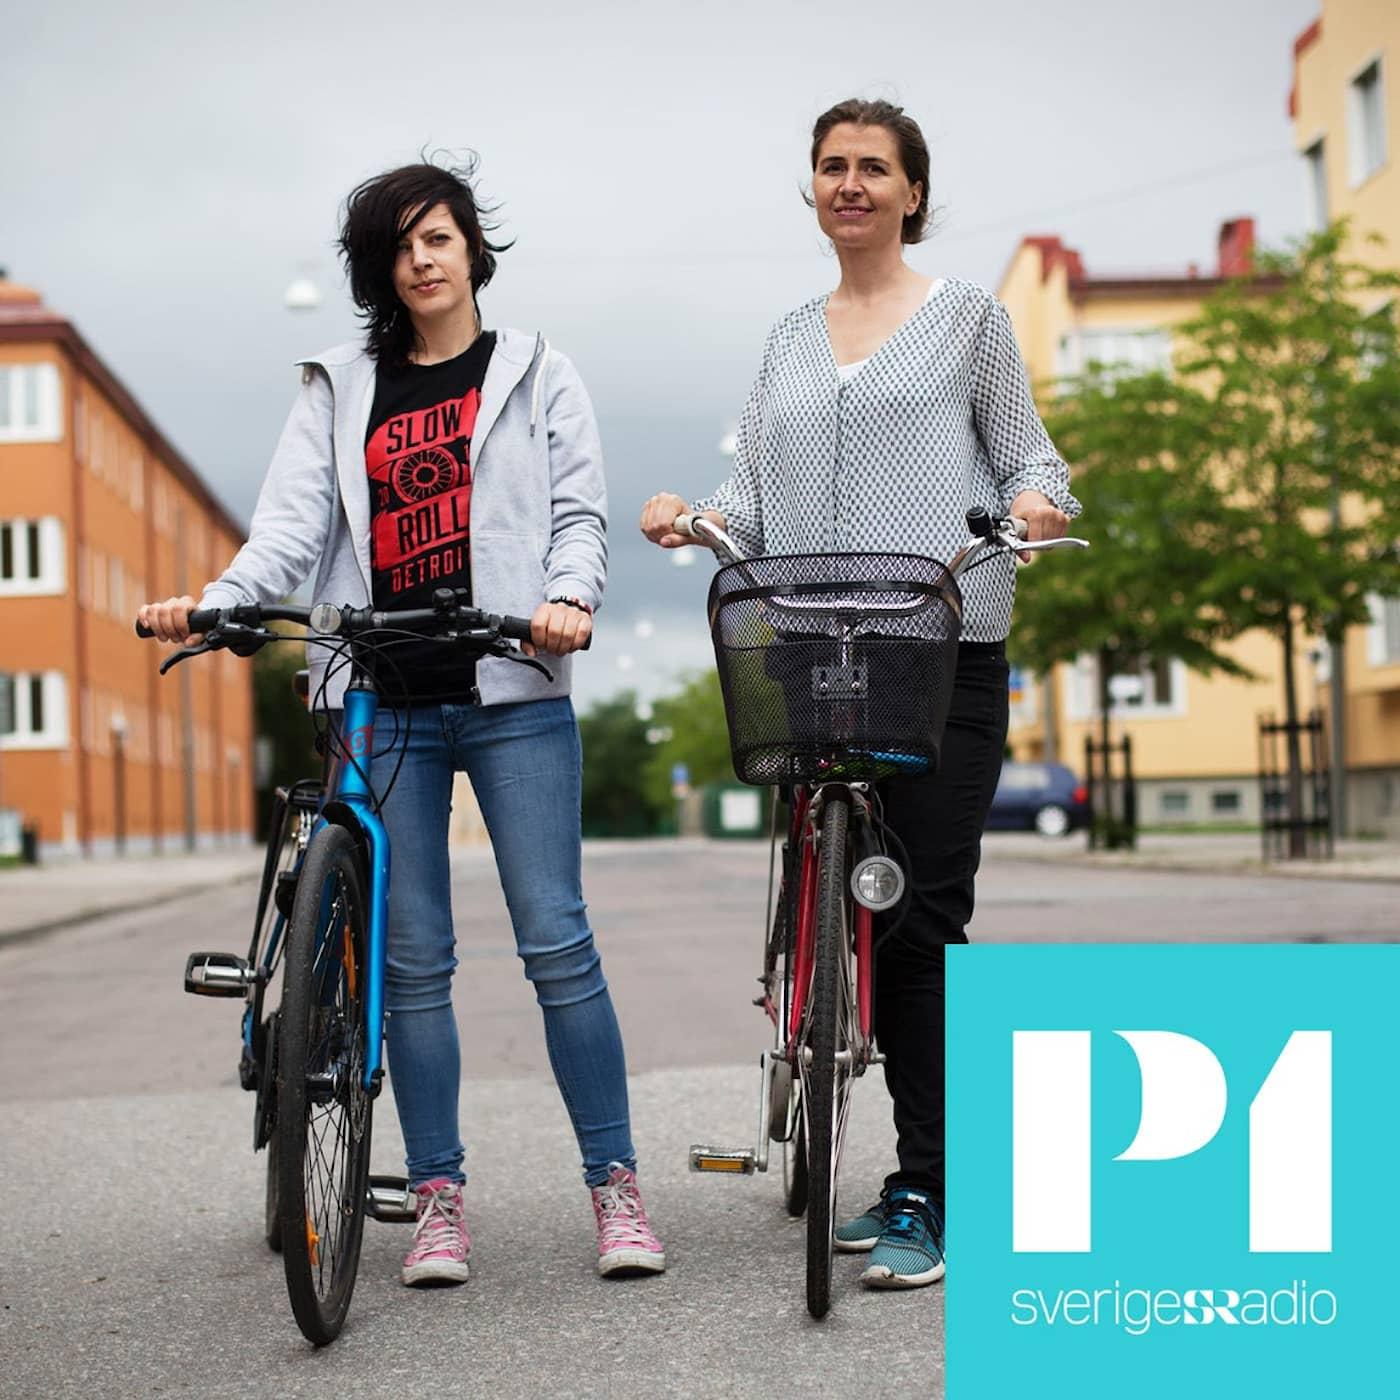 Cykla i P1 - sändes sommaren 2013